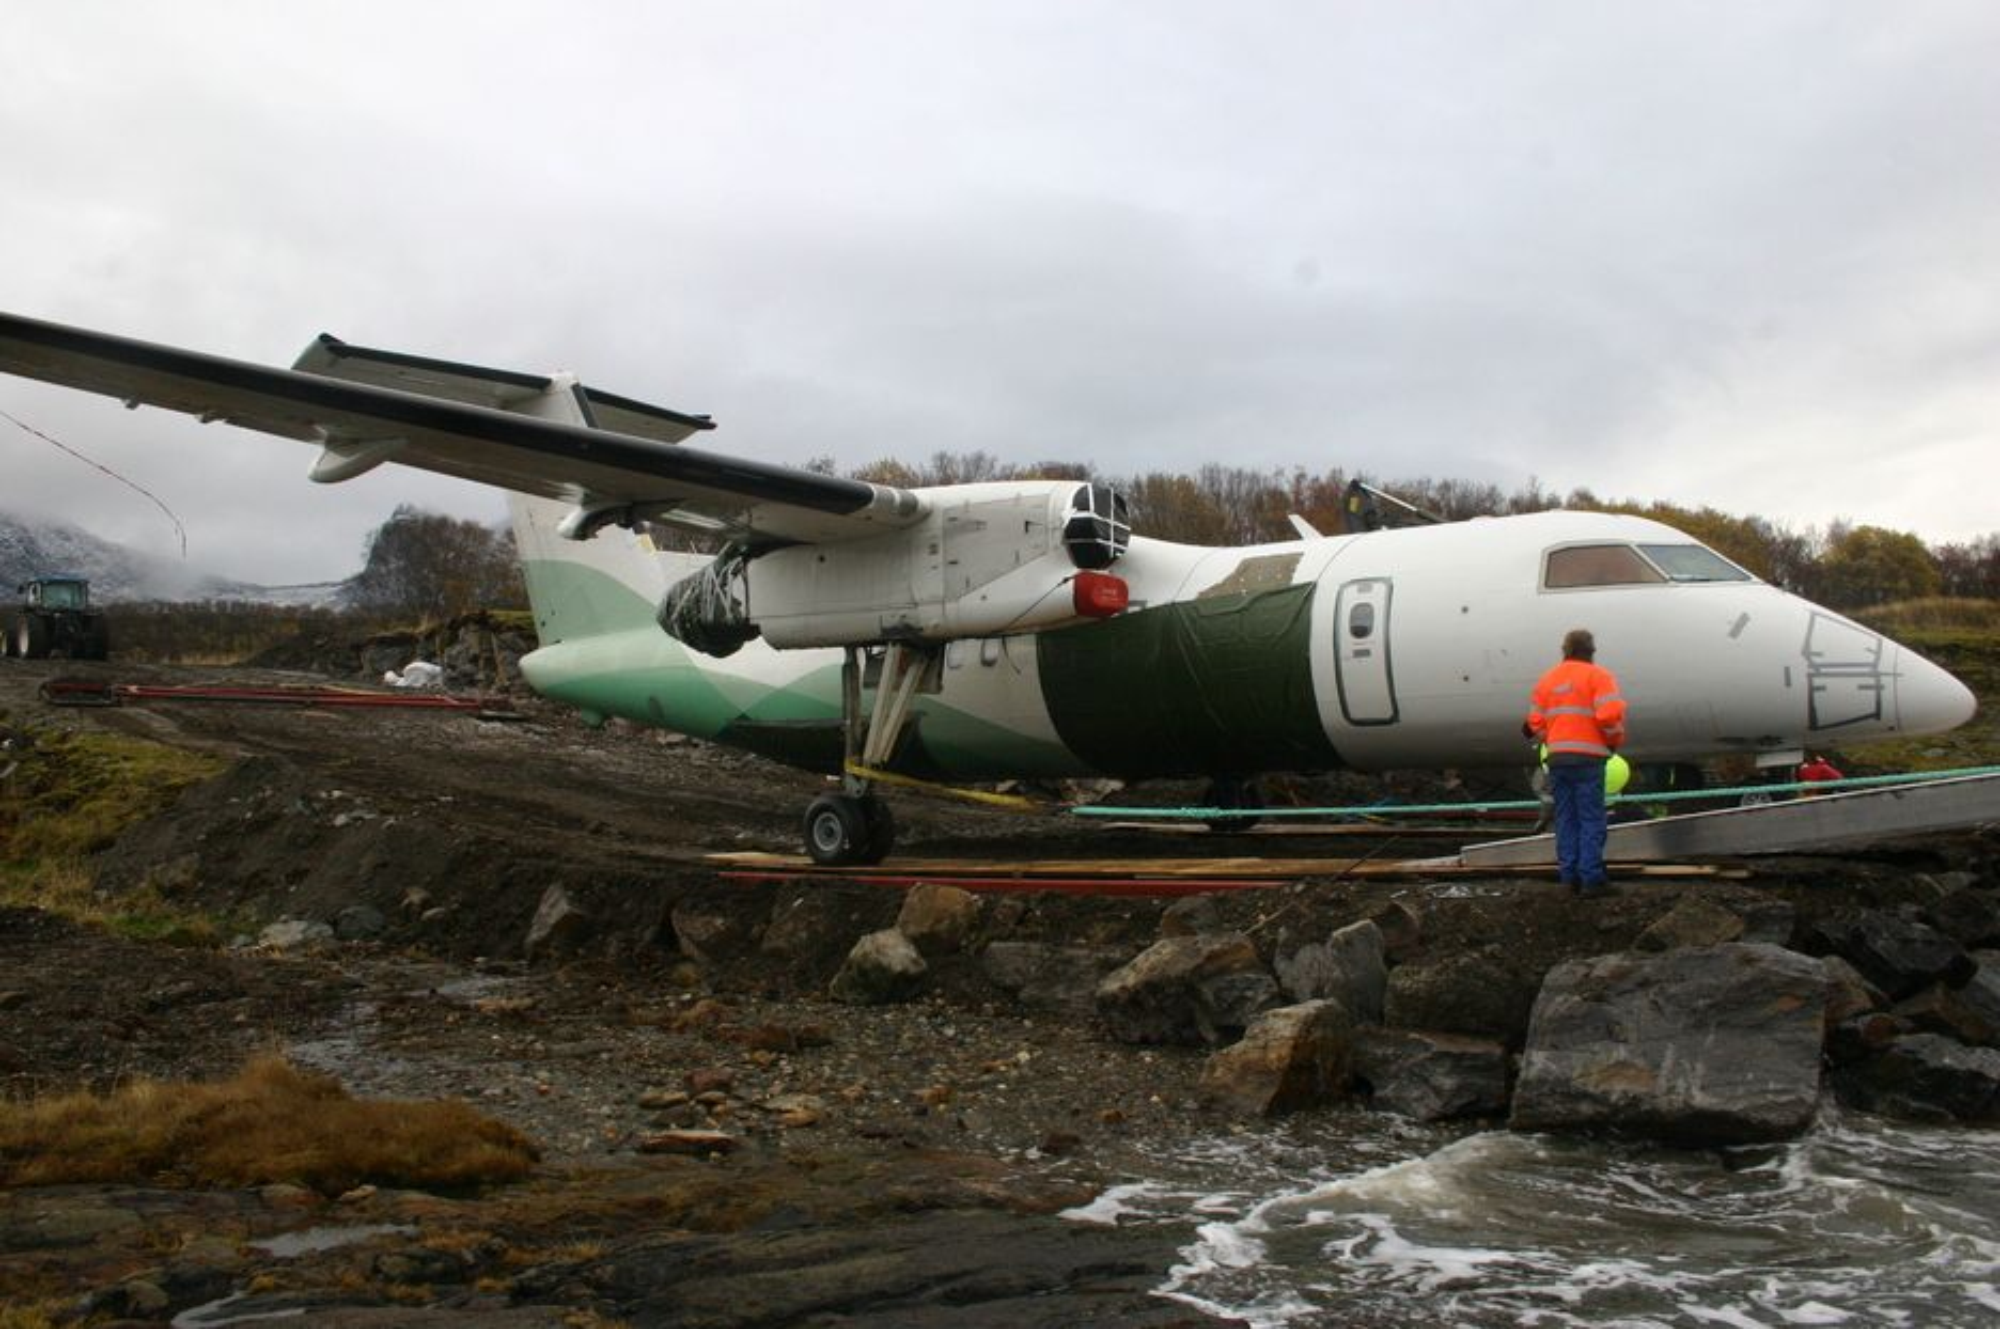 Slep av Widerøefly som havarerte ved Sandnessjøen lufthavn Stokka 15. september 2010. 12. oktober 2010.